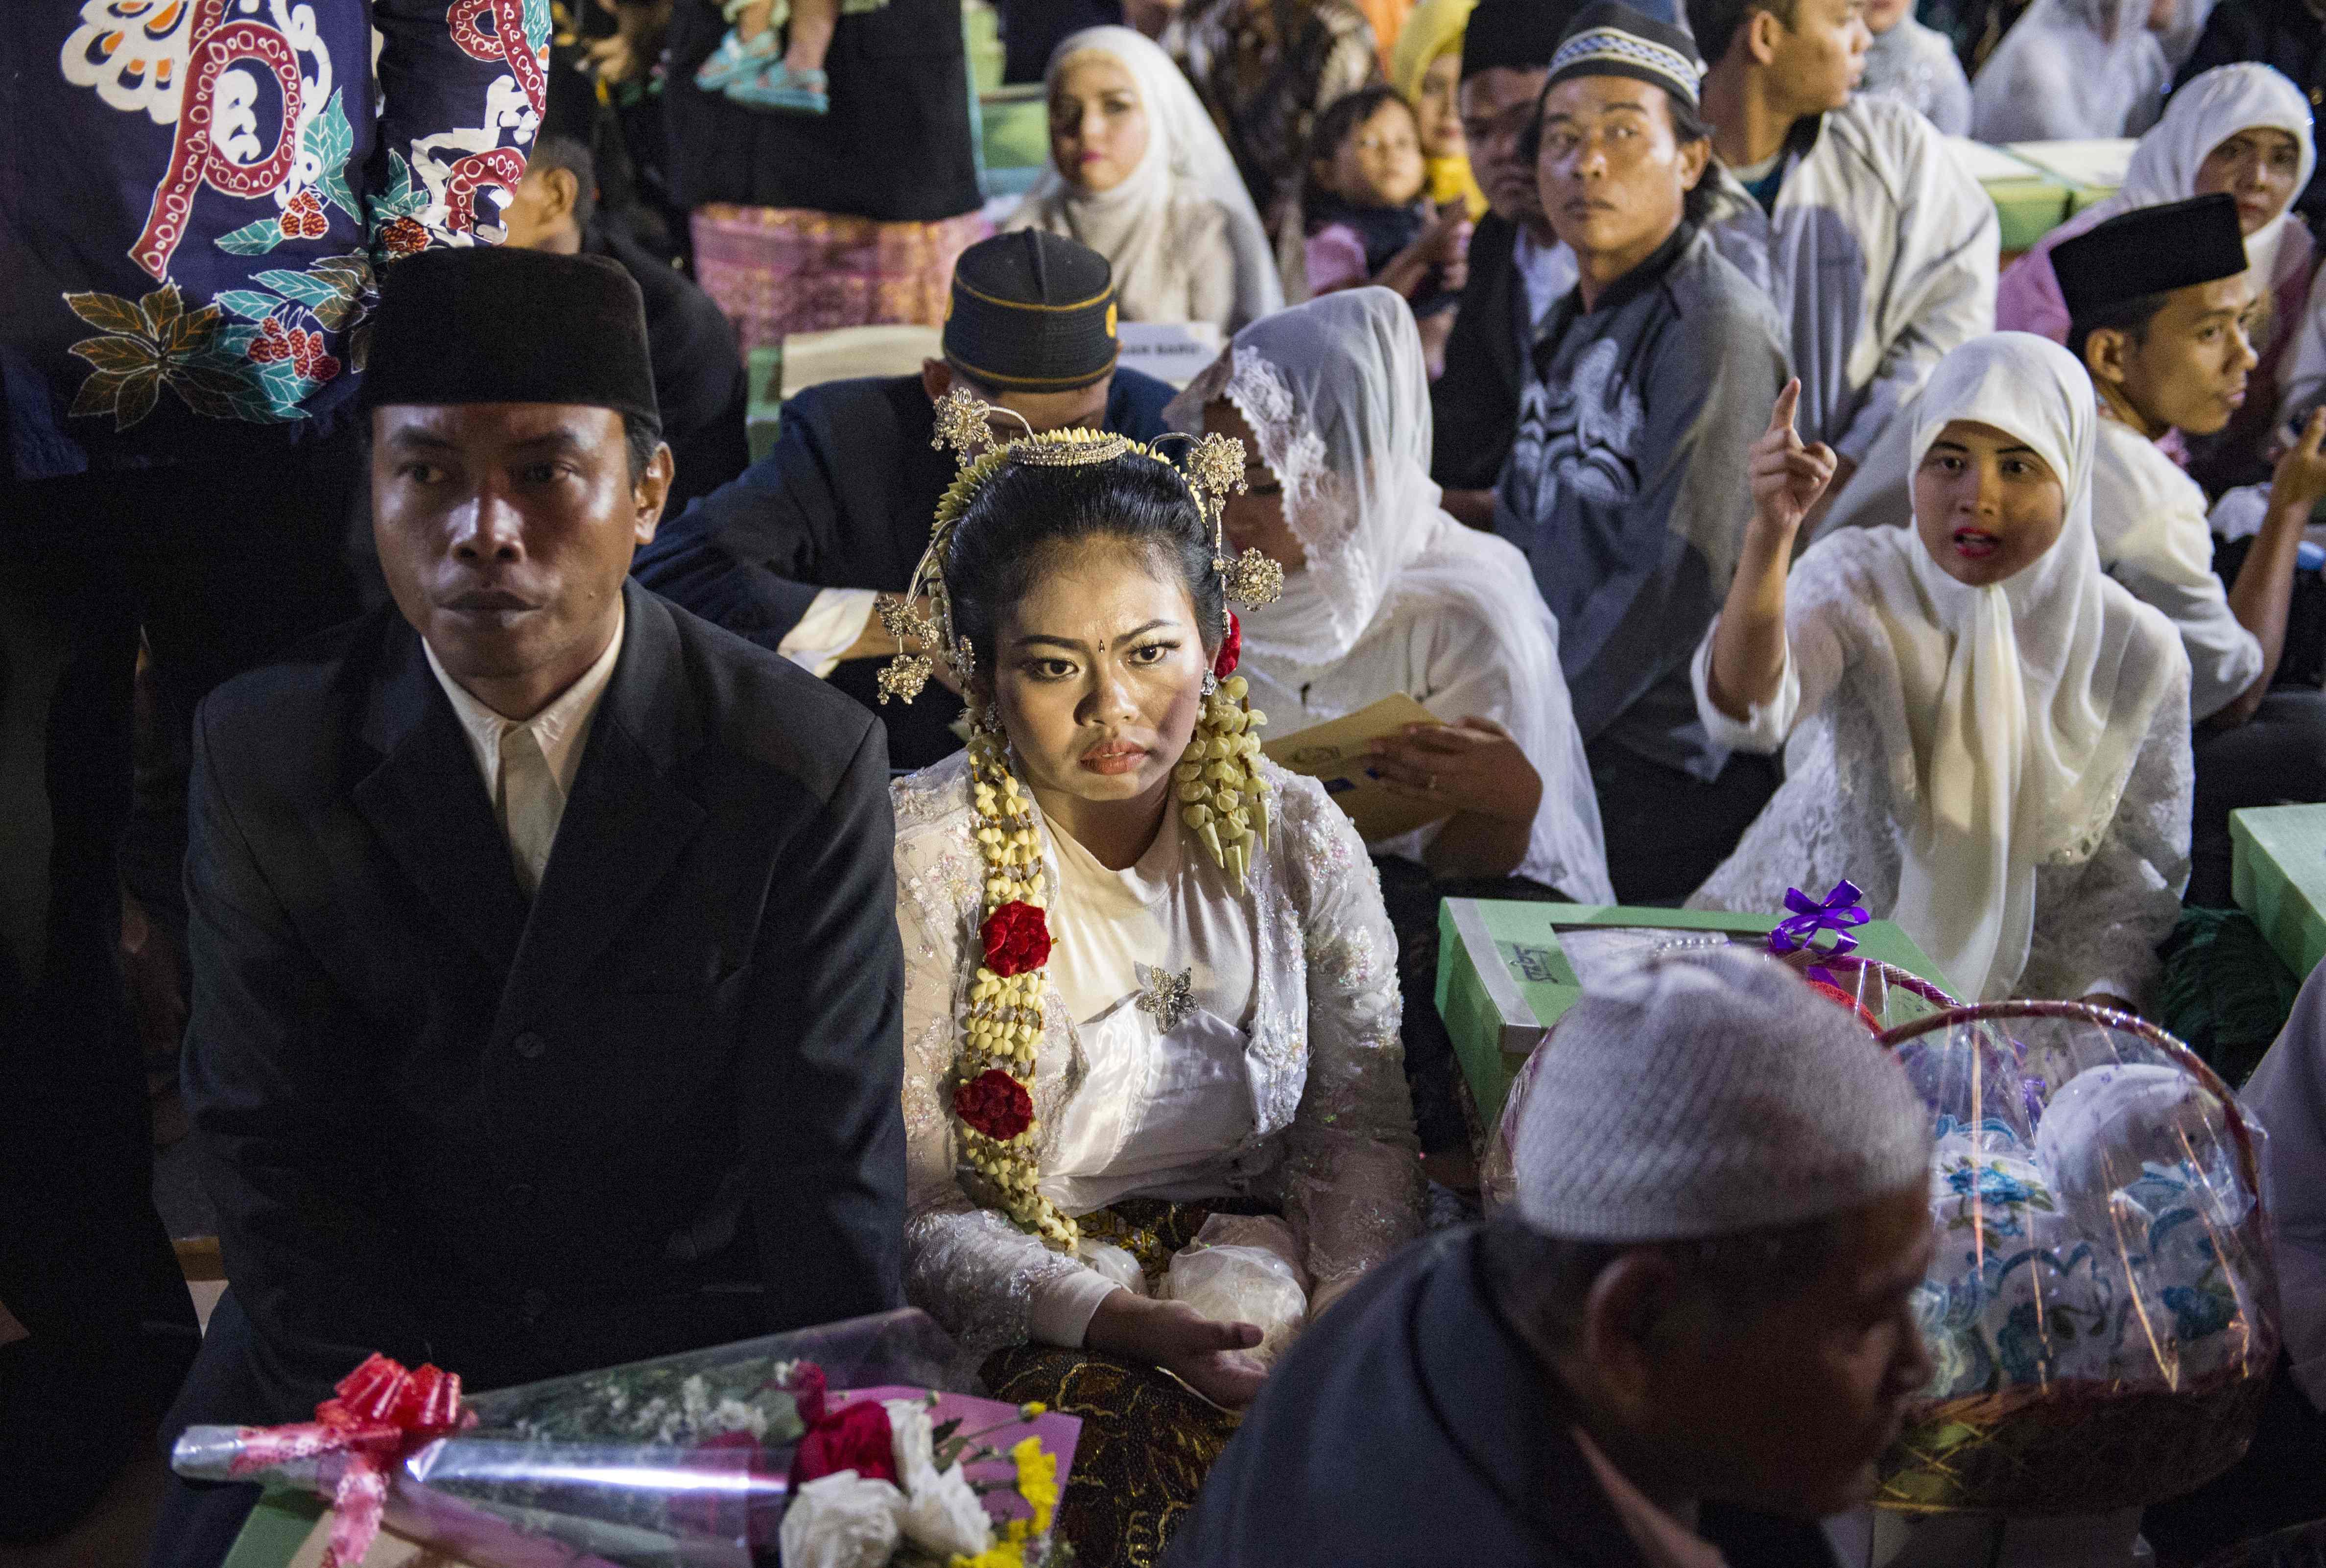 زواج جماعى بإندونسيا